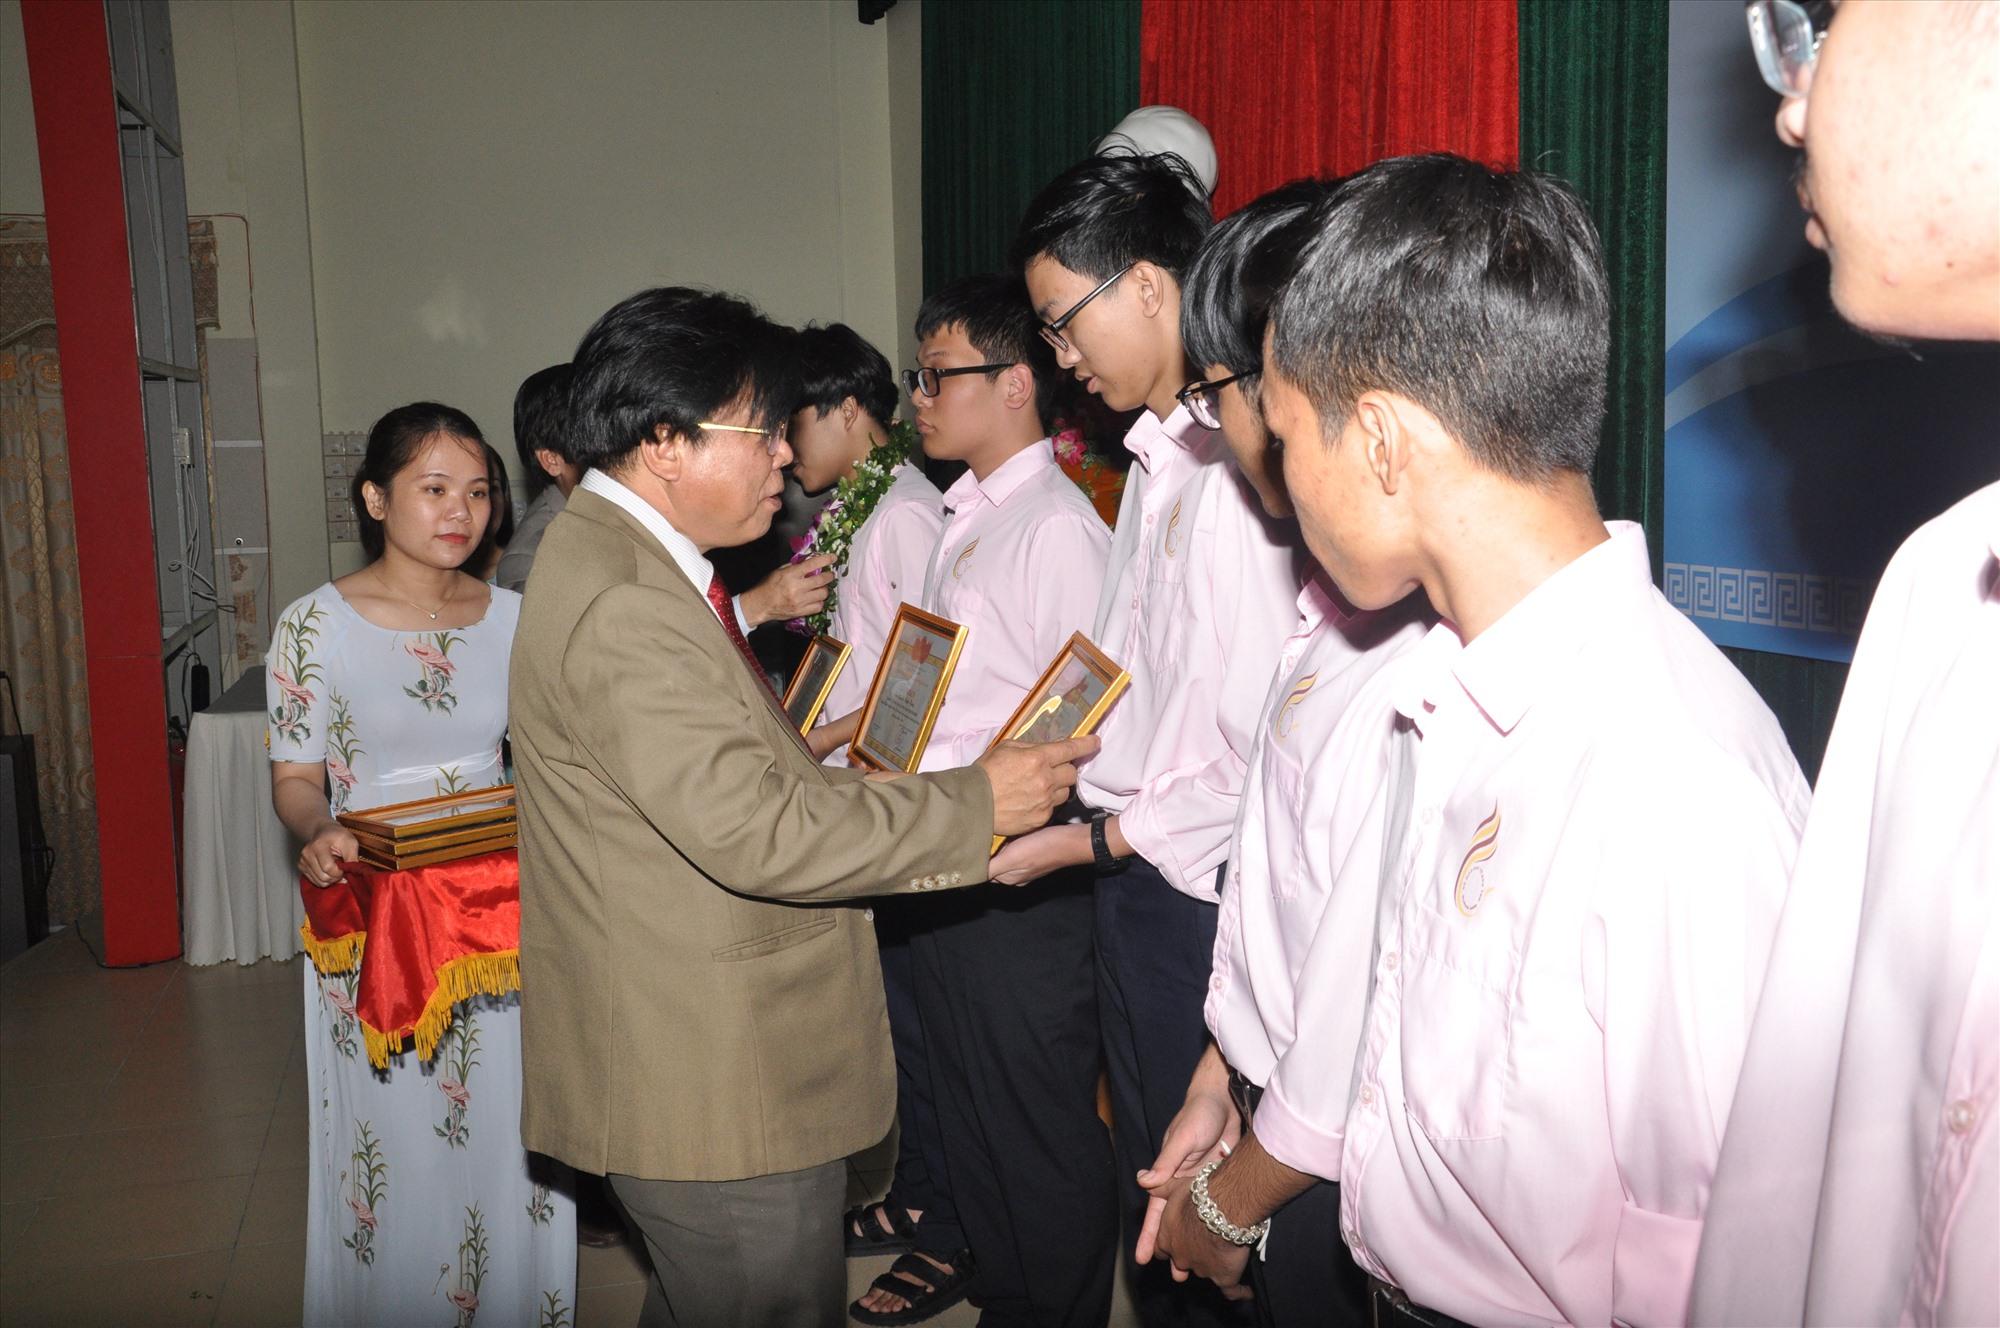 Ông Hà Thanh Quốc khen thưởng học sinh đoạt giải học sinh giỏi quốc gia năm học 2020 - 2021. Ảnh: X.P